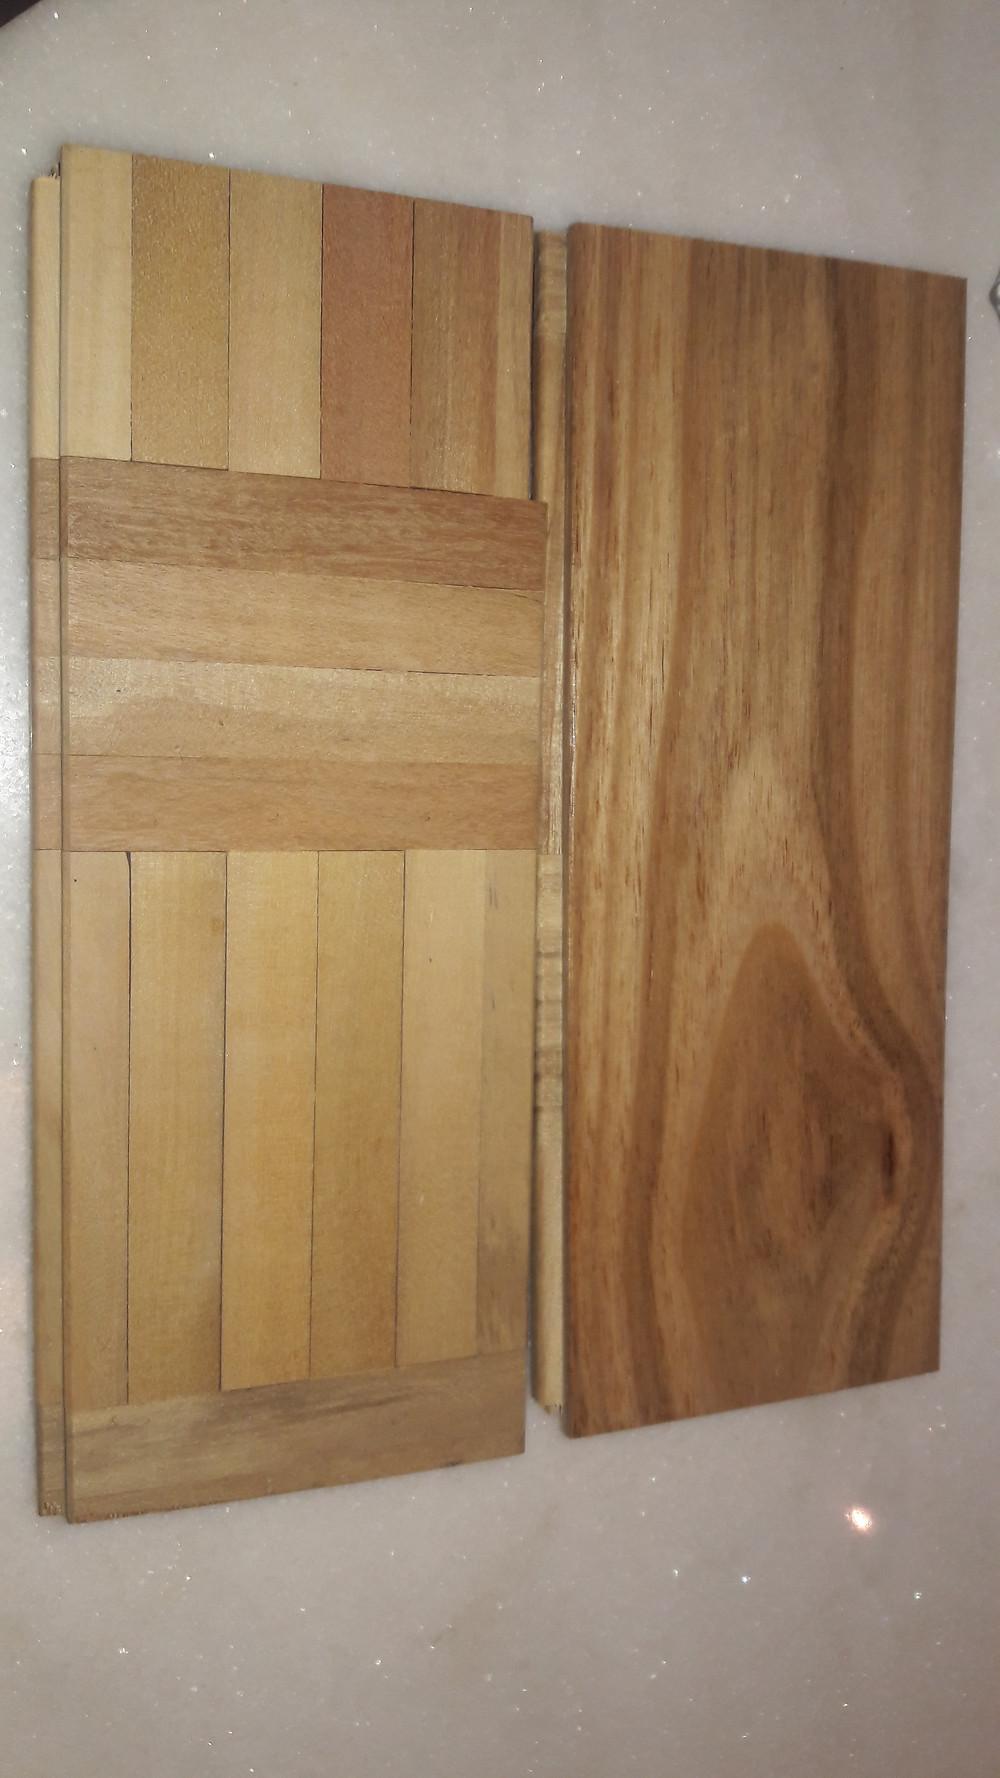 peça frente e verso, a parte de trás é confeccionada com as madeiras reaproveitadas do controle de qualidade.